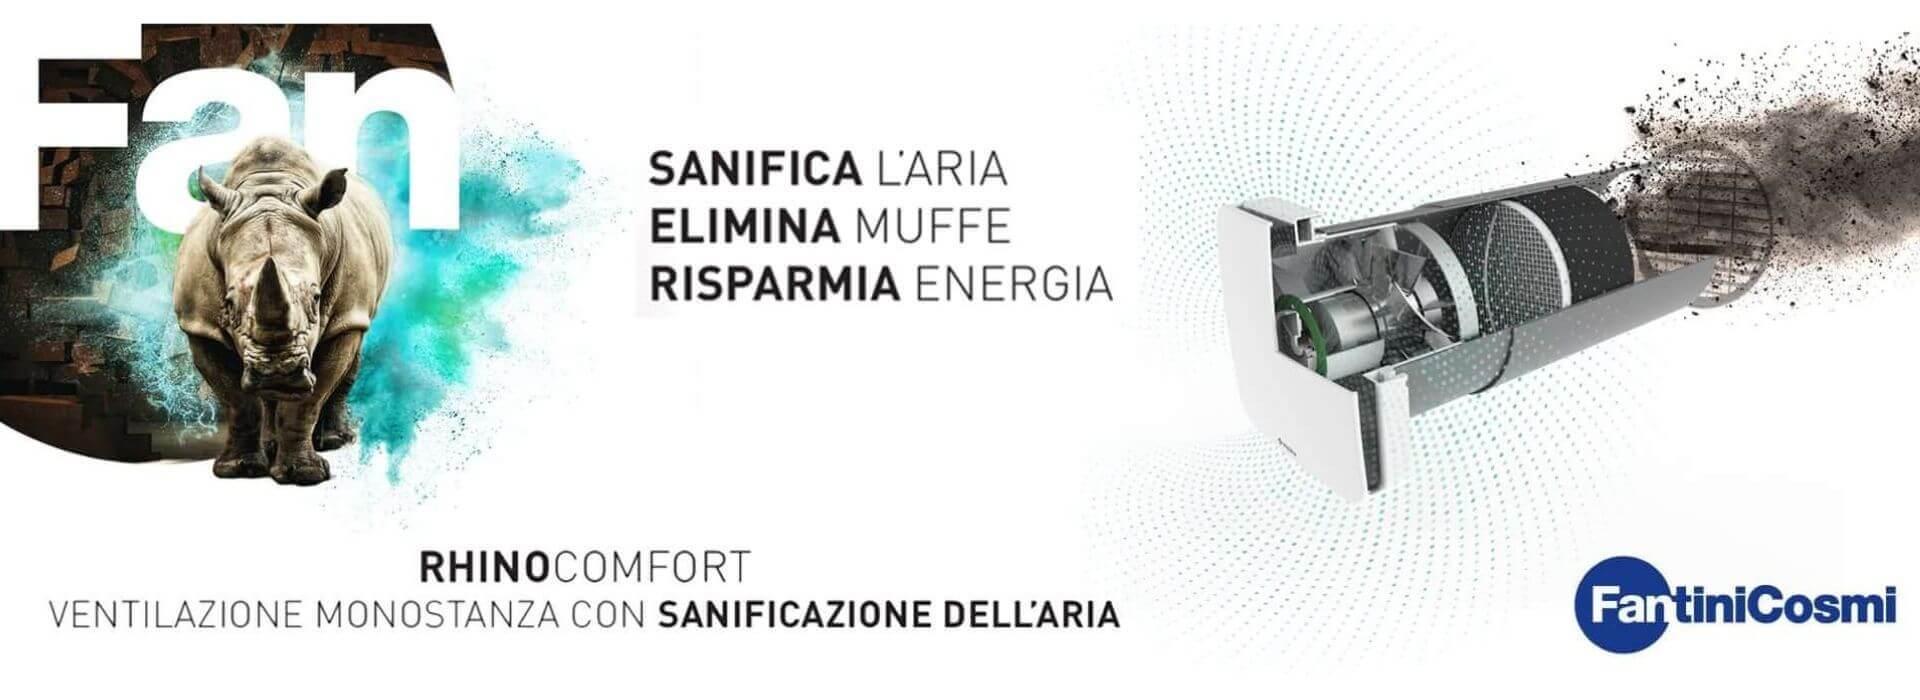 Rihnocomfort by Fantini Cosmi